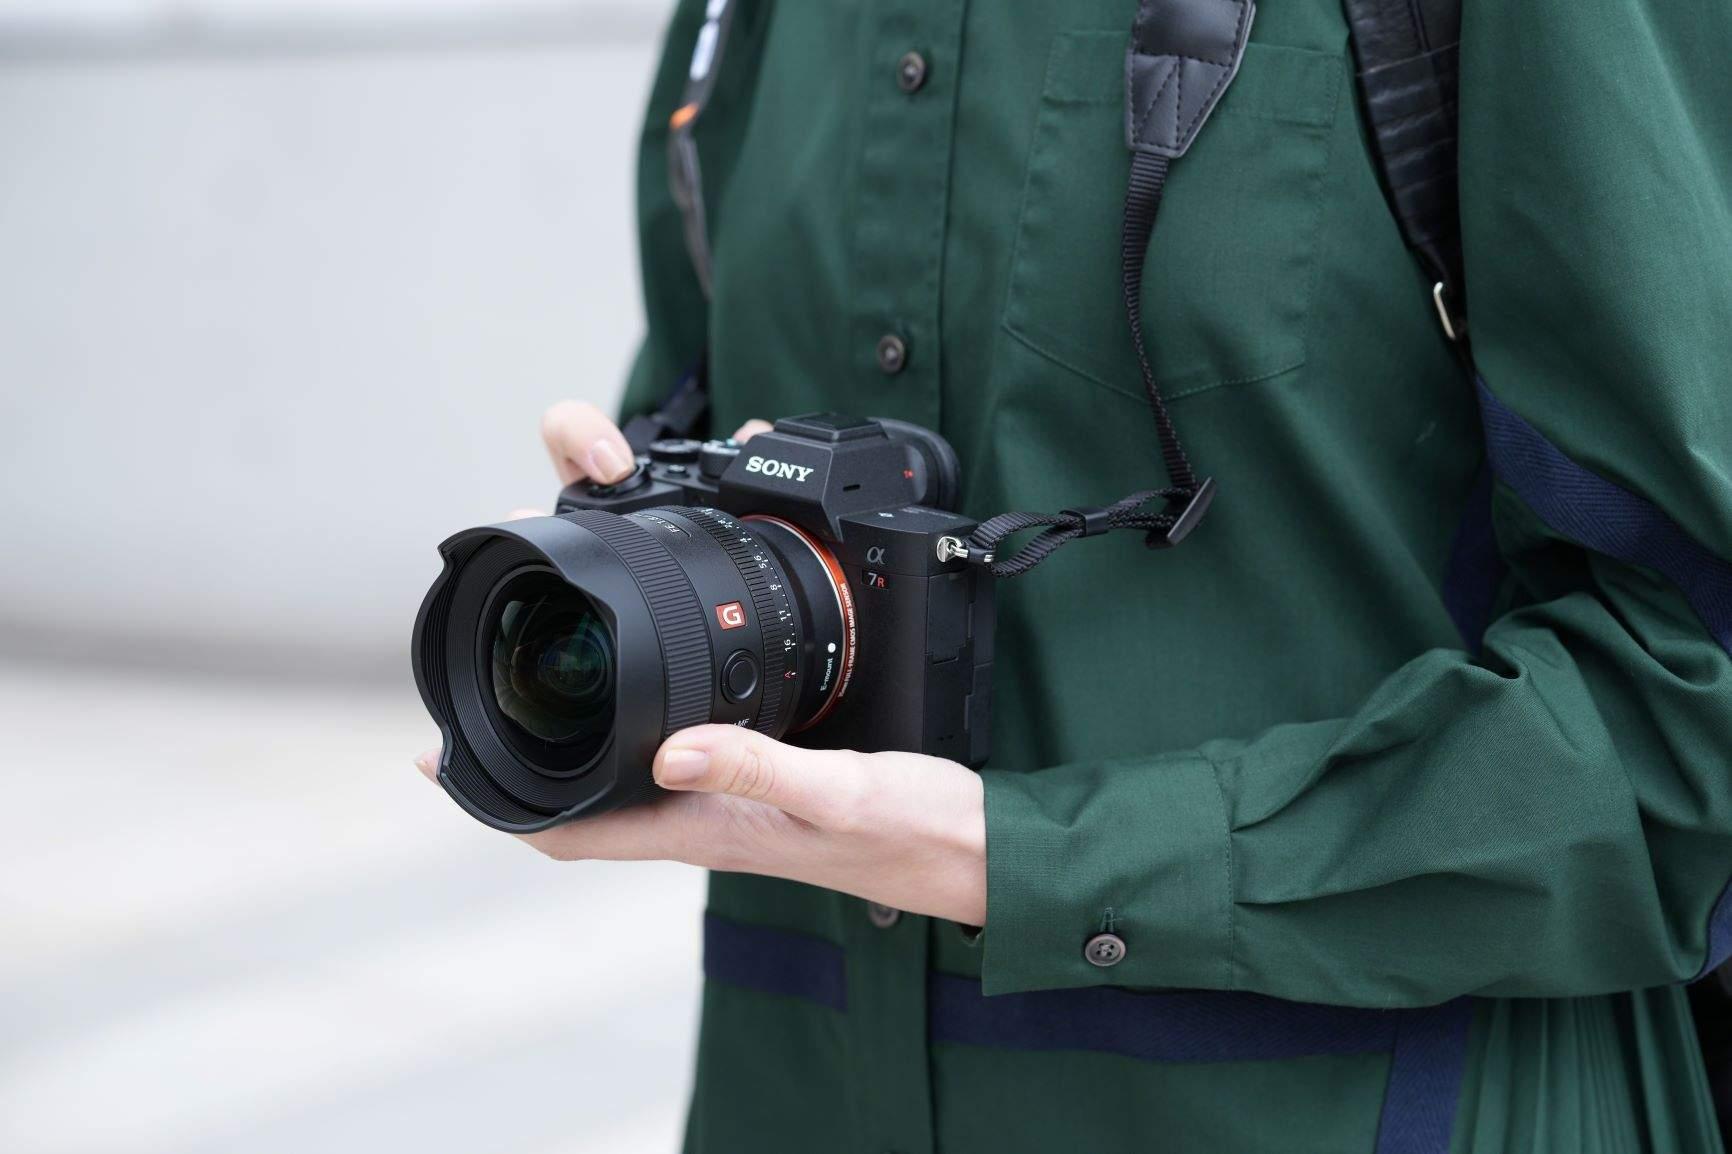 Sony annuncia un obiettivo super grandangolare apertura FE 14mm F1.8 GM